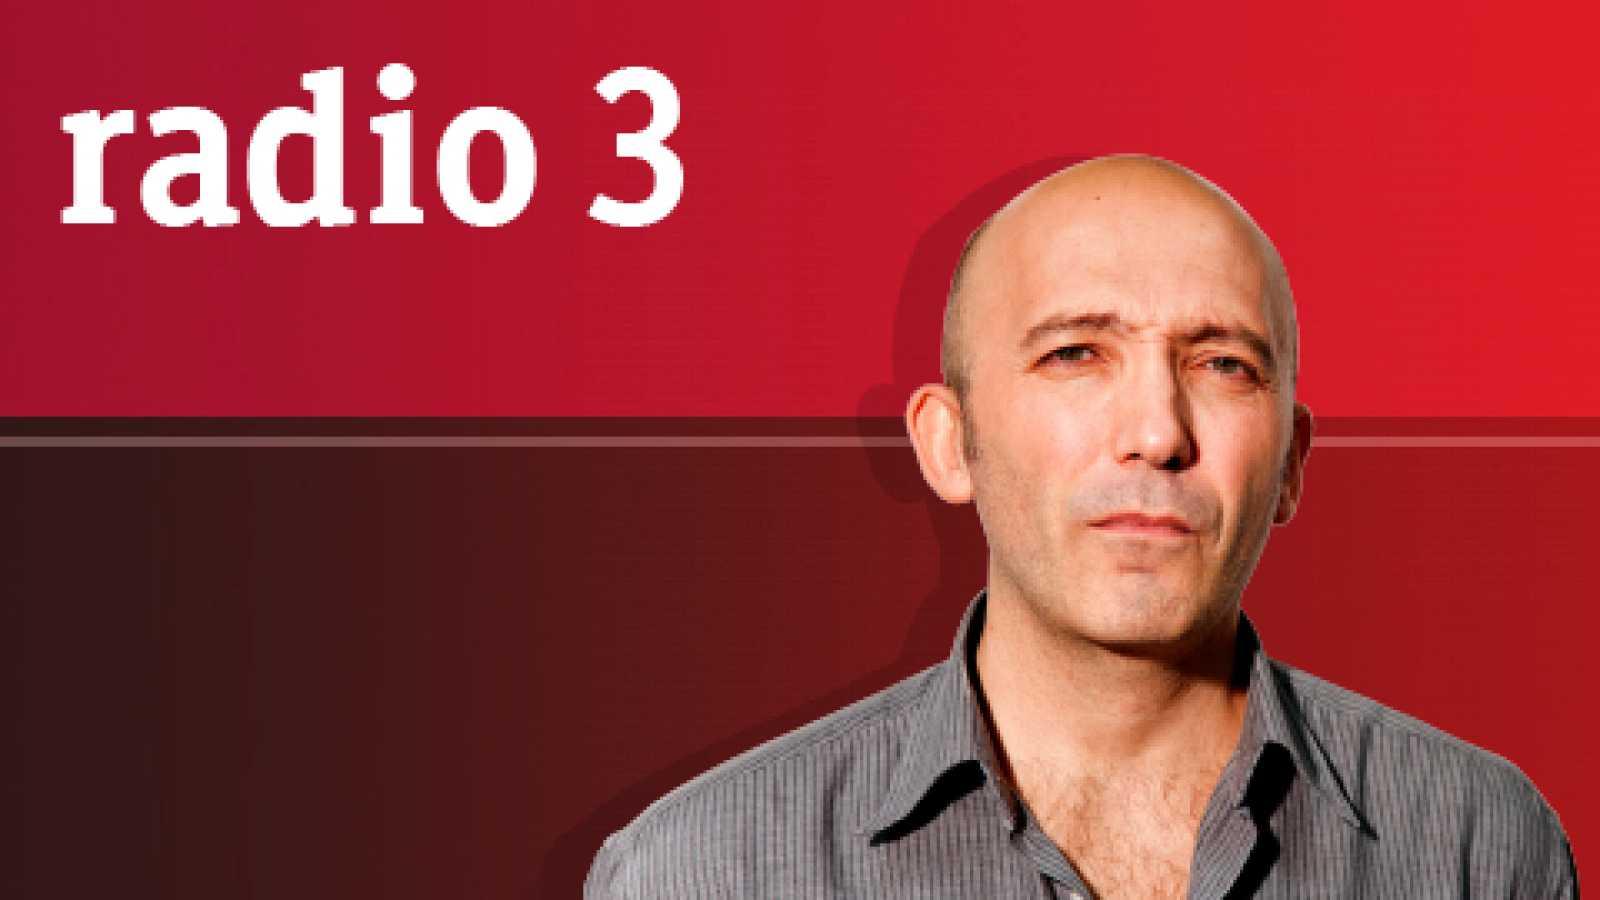 Islas de Robinson - Pablo Solo, genio inquieto y confinado - 21/09/20 - escuchar ahora